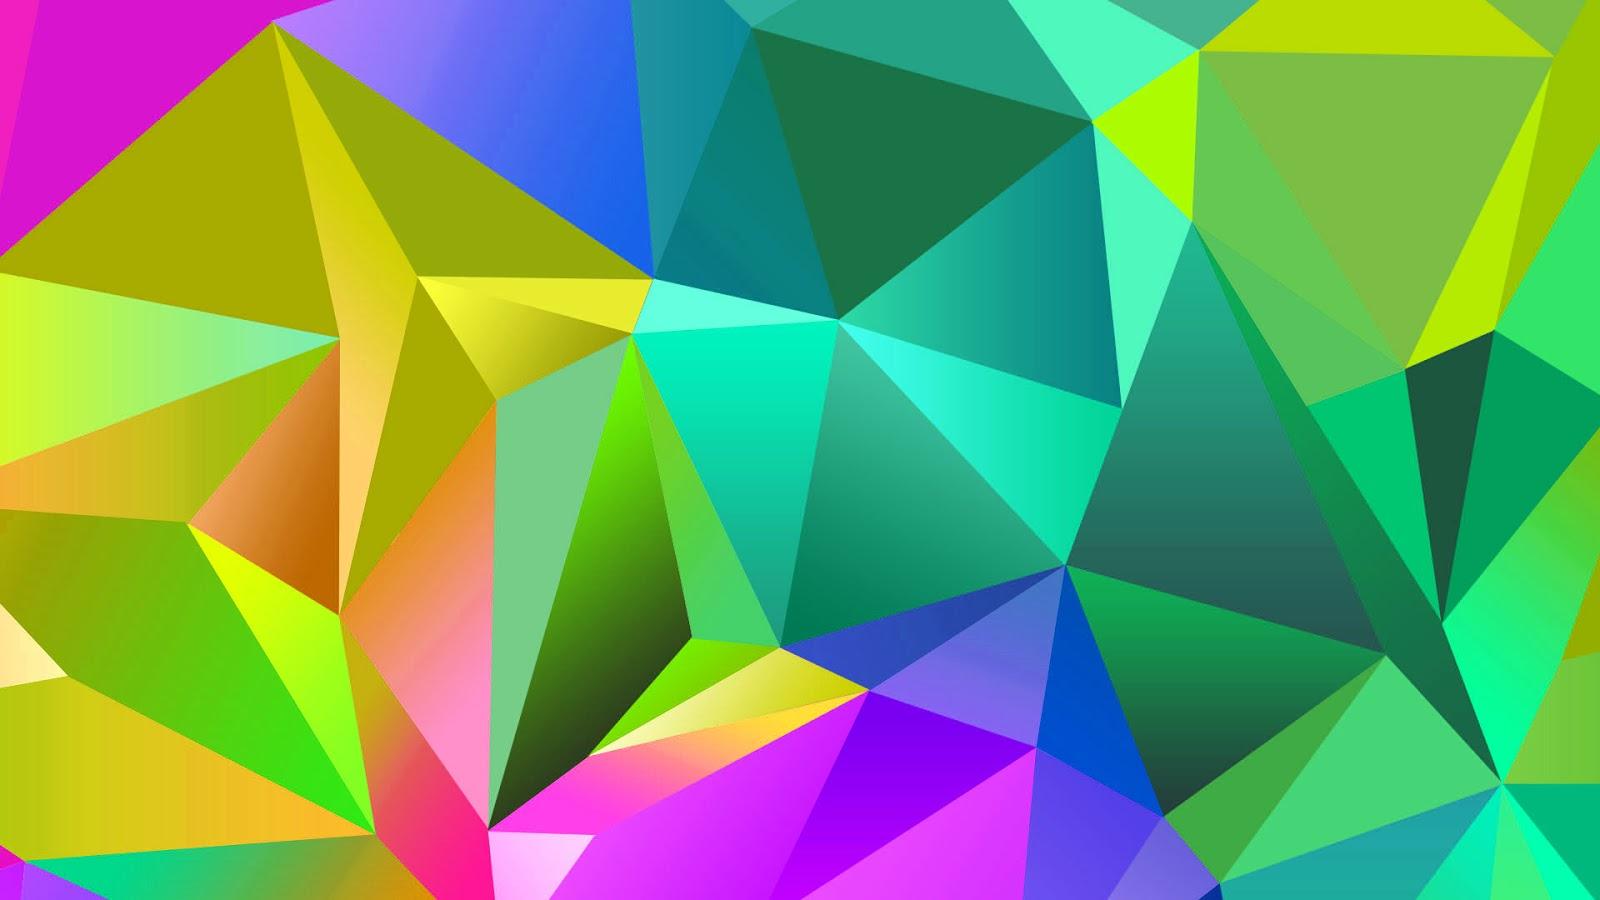 Kumpulan Desain Background Abstrak Vektor Keren Banget